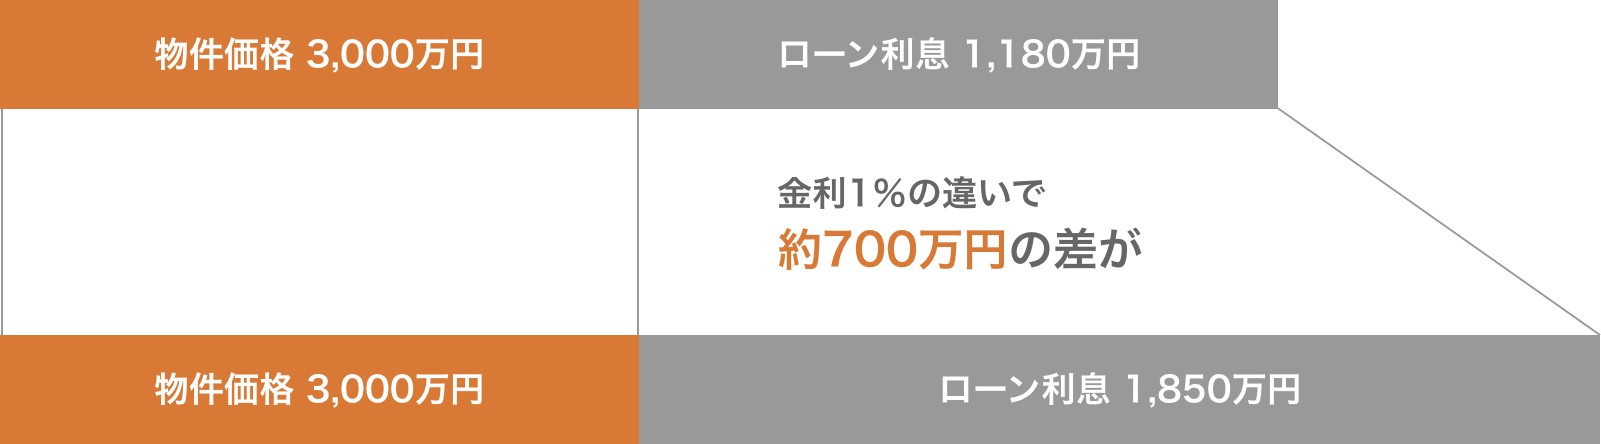 金利1%で700万円も違う